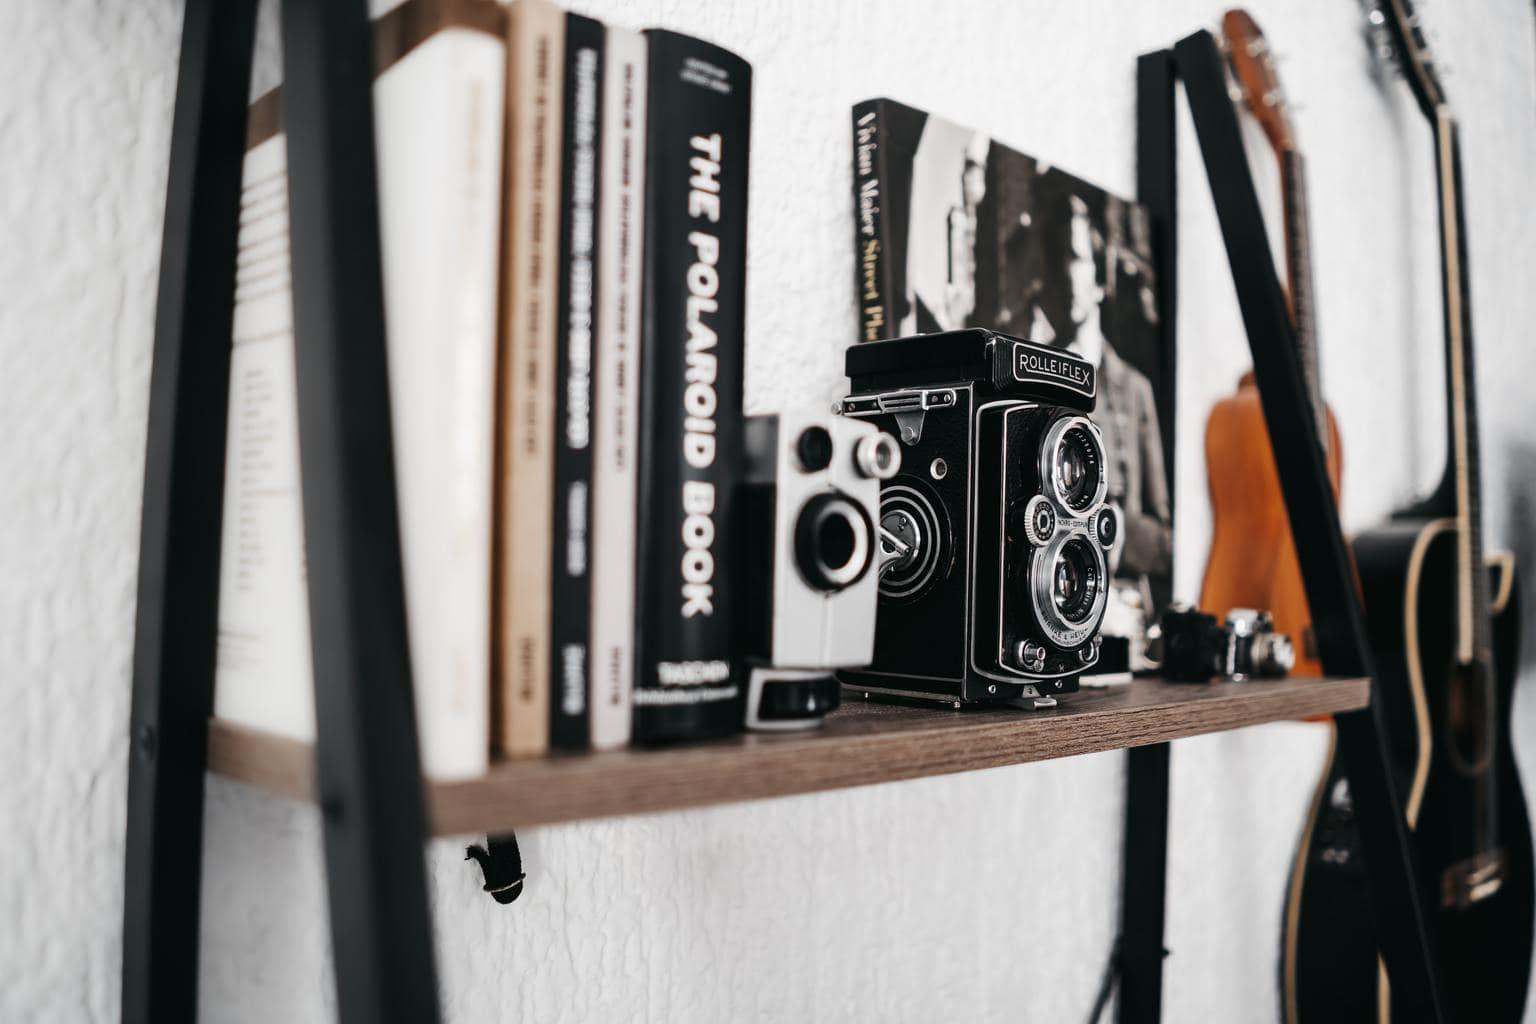 Estantería con libros para aprender fotografía y cámaras